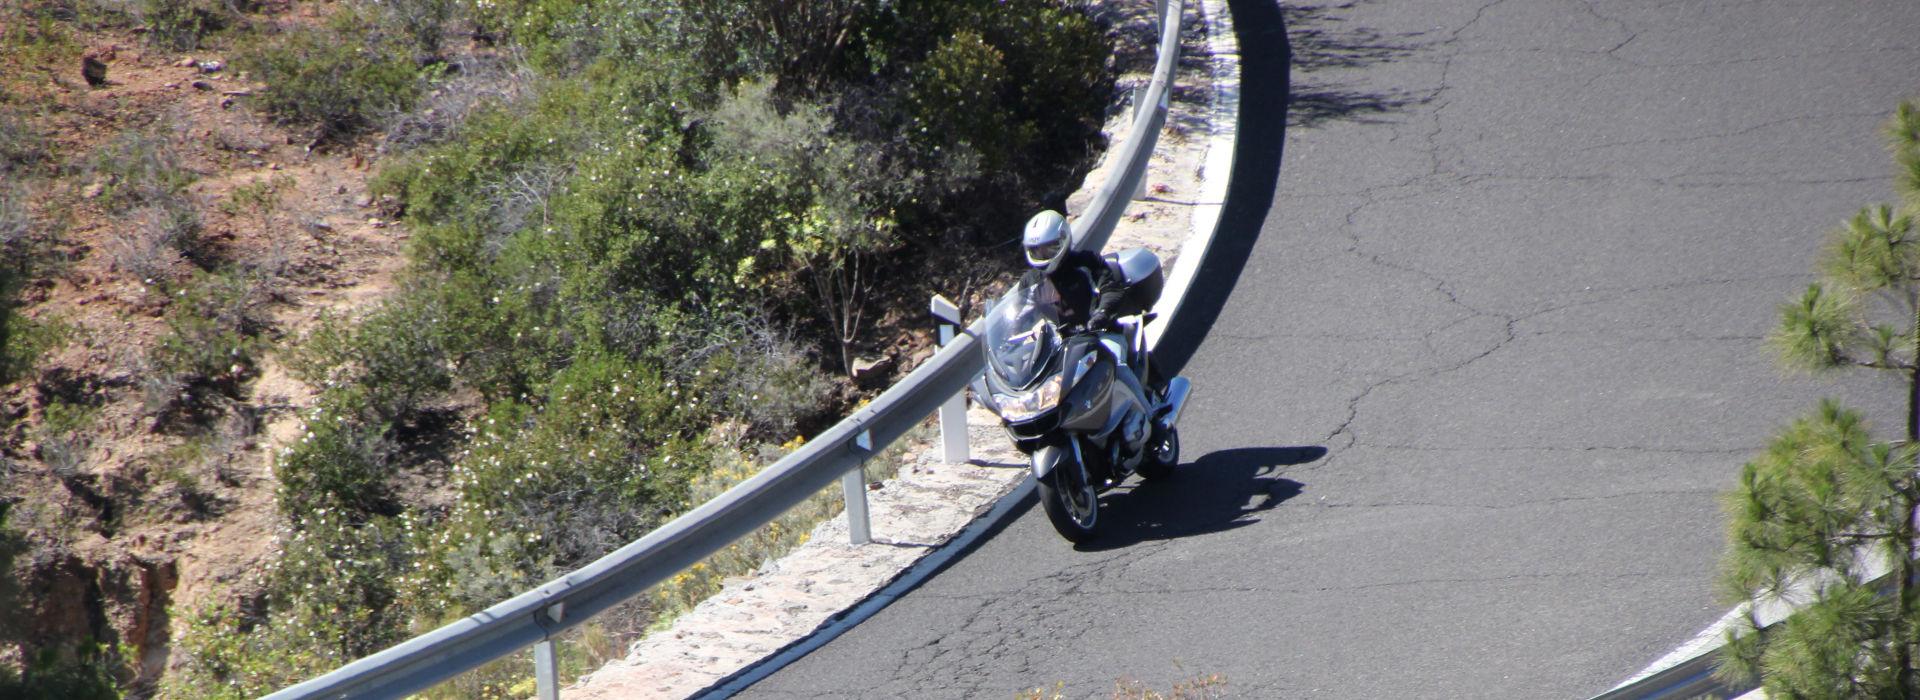 Motorrijschool Motorrijbewijspoint Montfoort motorrijlessen